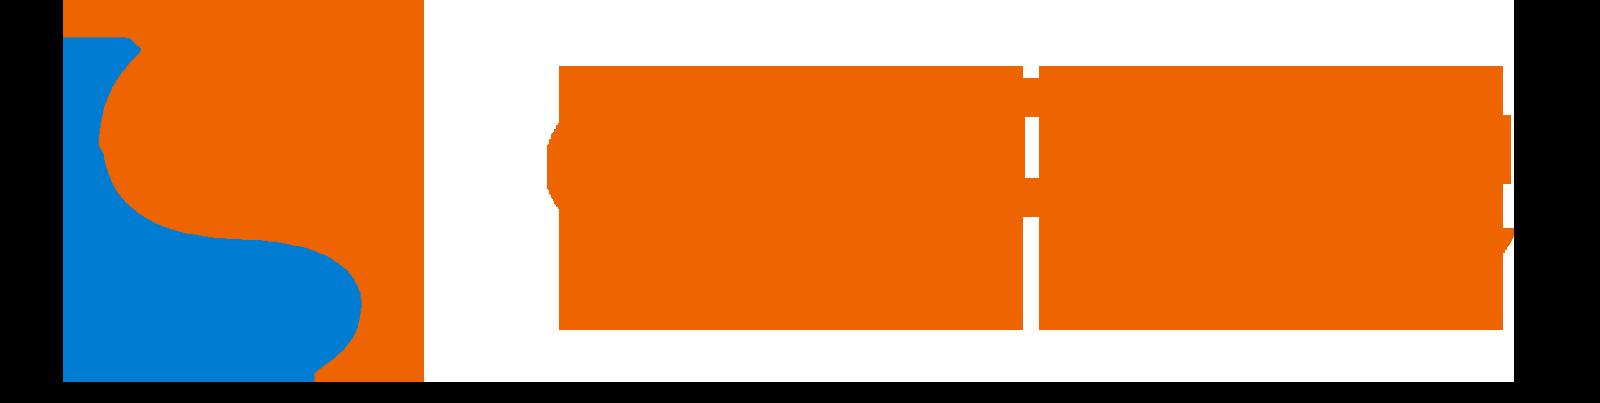 91开学—校园共享空调定点服务商丨广东省教育装备行业协会会员单位